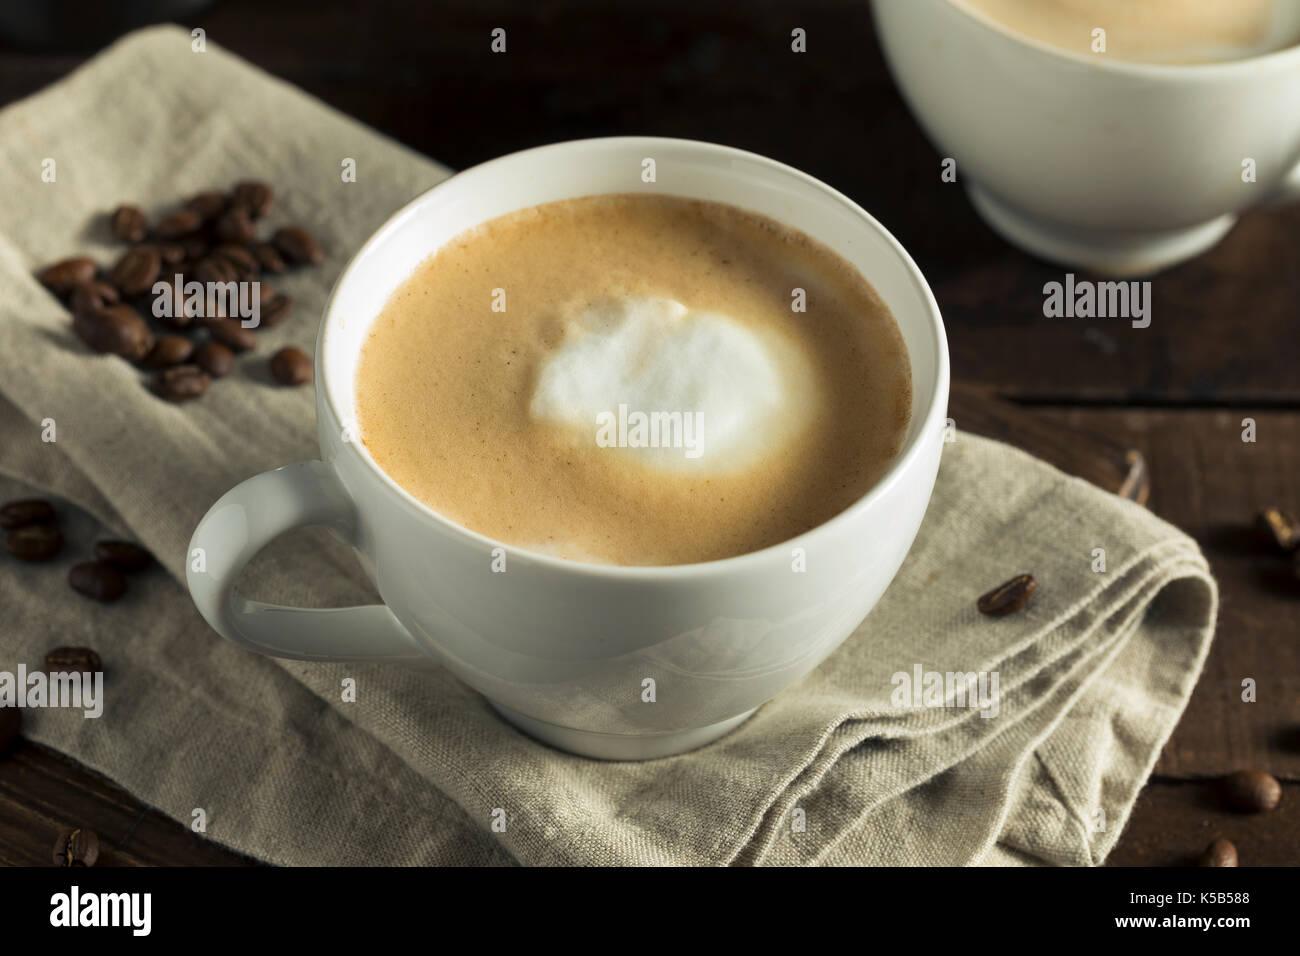 In casa piatto bianco latte scremato con crema di latte Immagini Stock